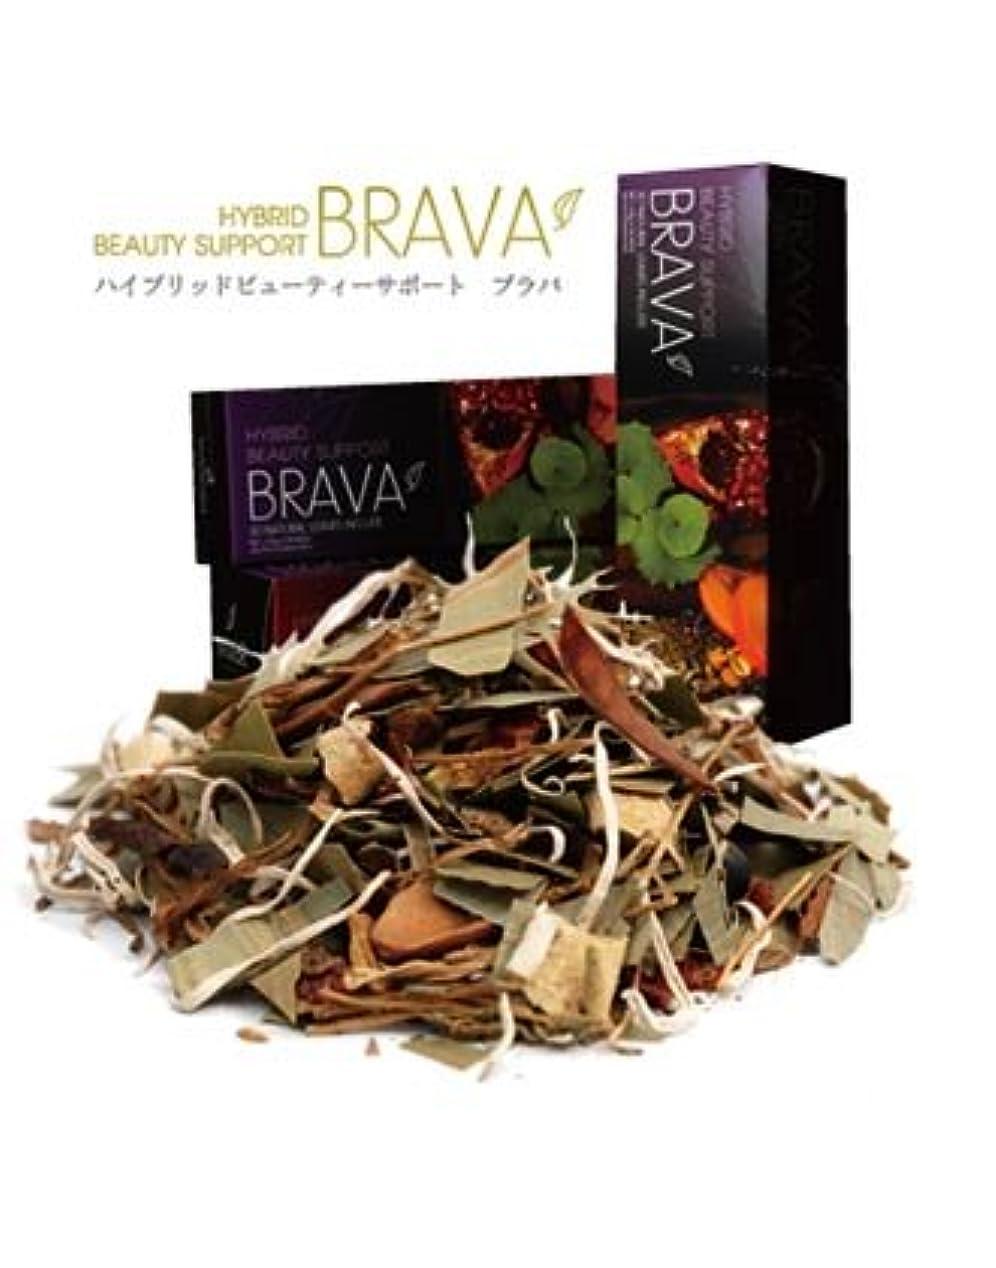 荷物国誘惑するハイブリッドビューティサポート BRAVA(ブラバ) 20包